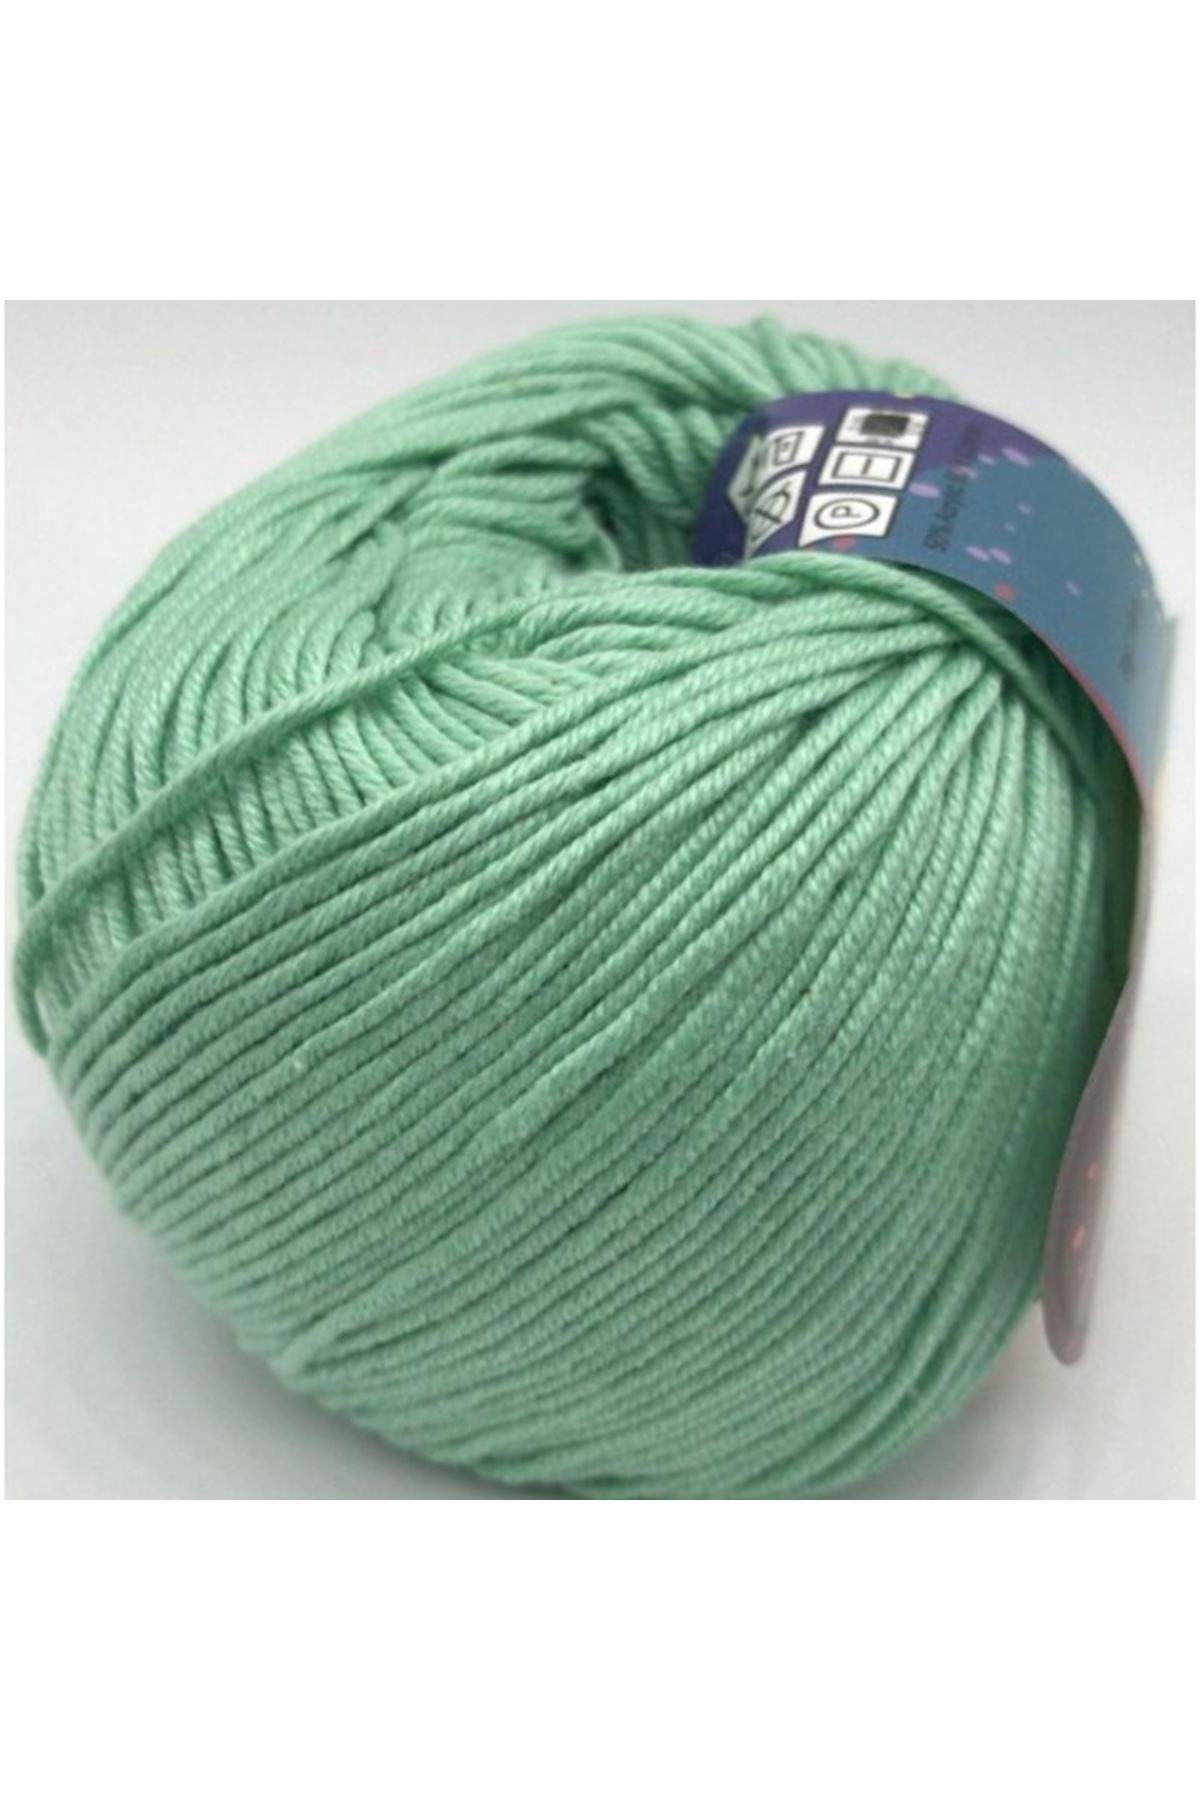 Peria Soft Cotton Amigurumi - 20 Bebe Yeşili